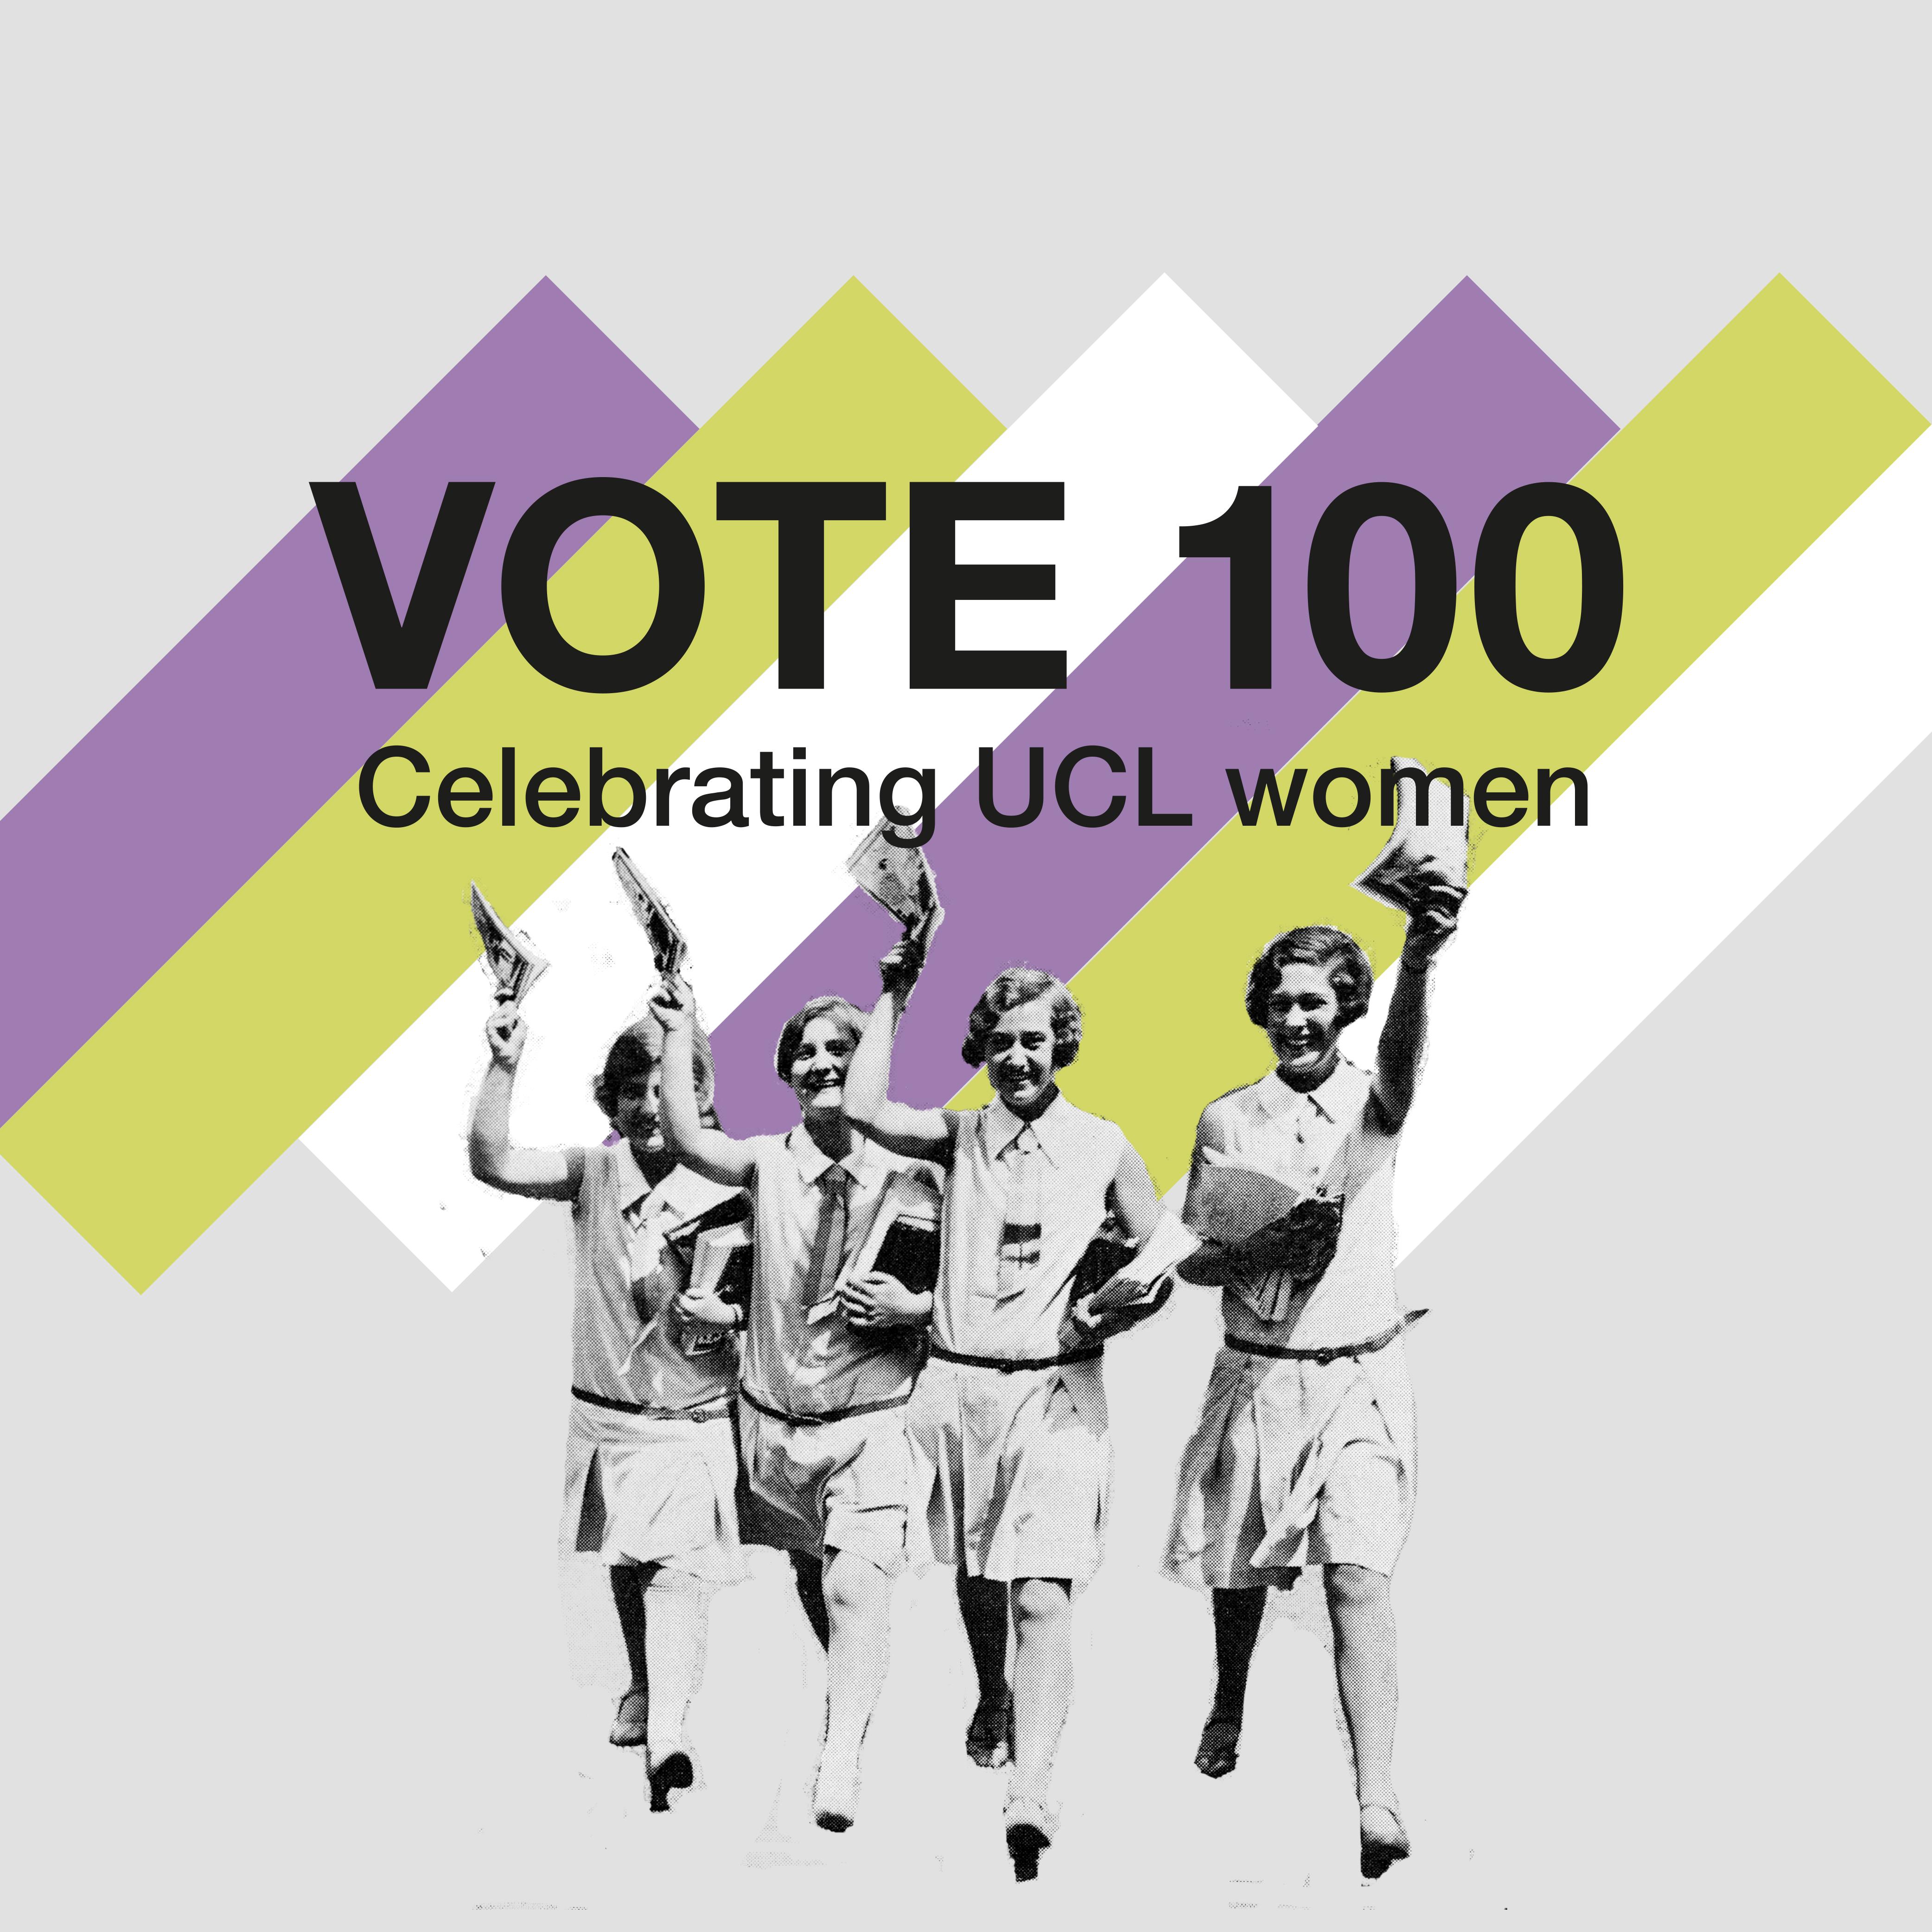 UCL Vote 100